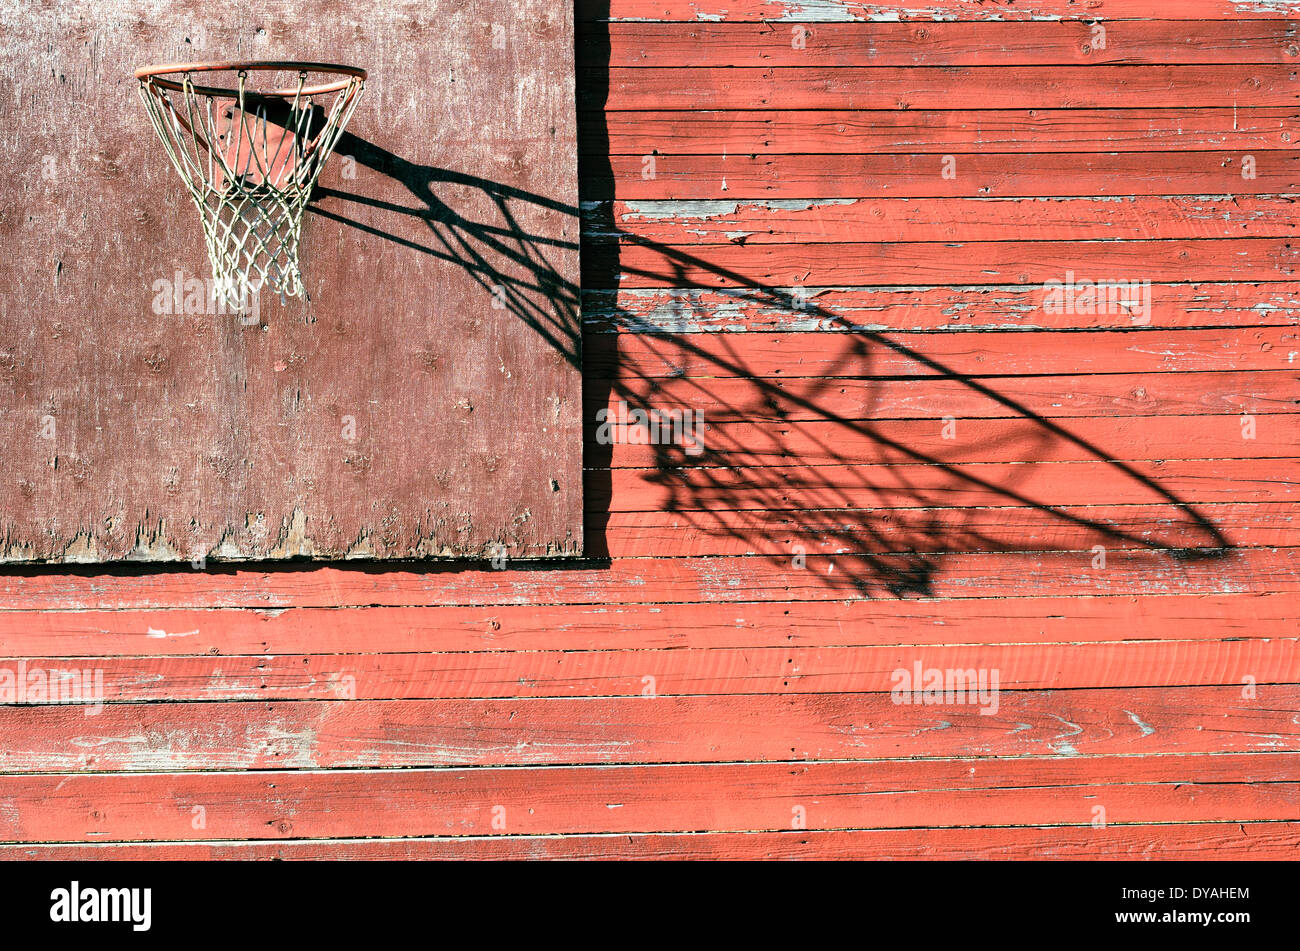 Rural de baloncesto antiguo tablero y aro exterior Imagen De Stock